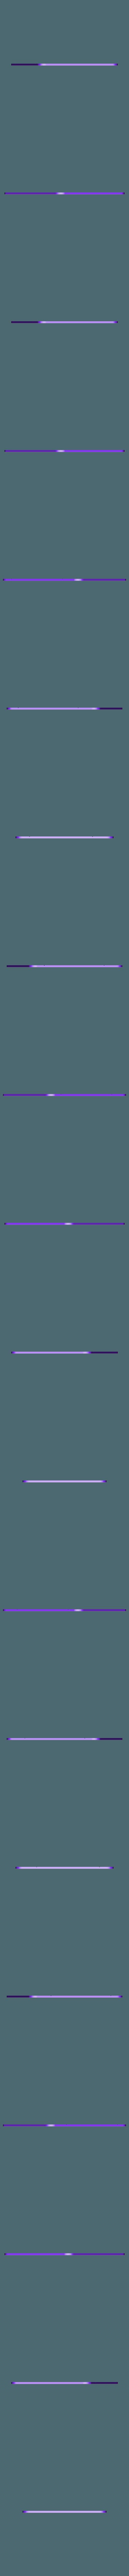 ParteMobile2.stl Télécharger fichier STL gratuit Support mince pour ordinateur portable • Design pour imprimante 3D, Kliffom